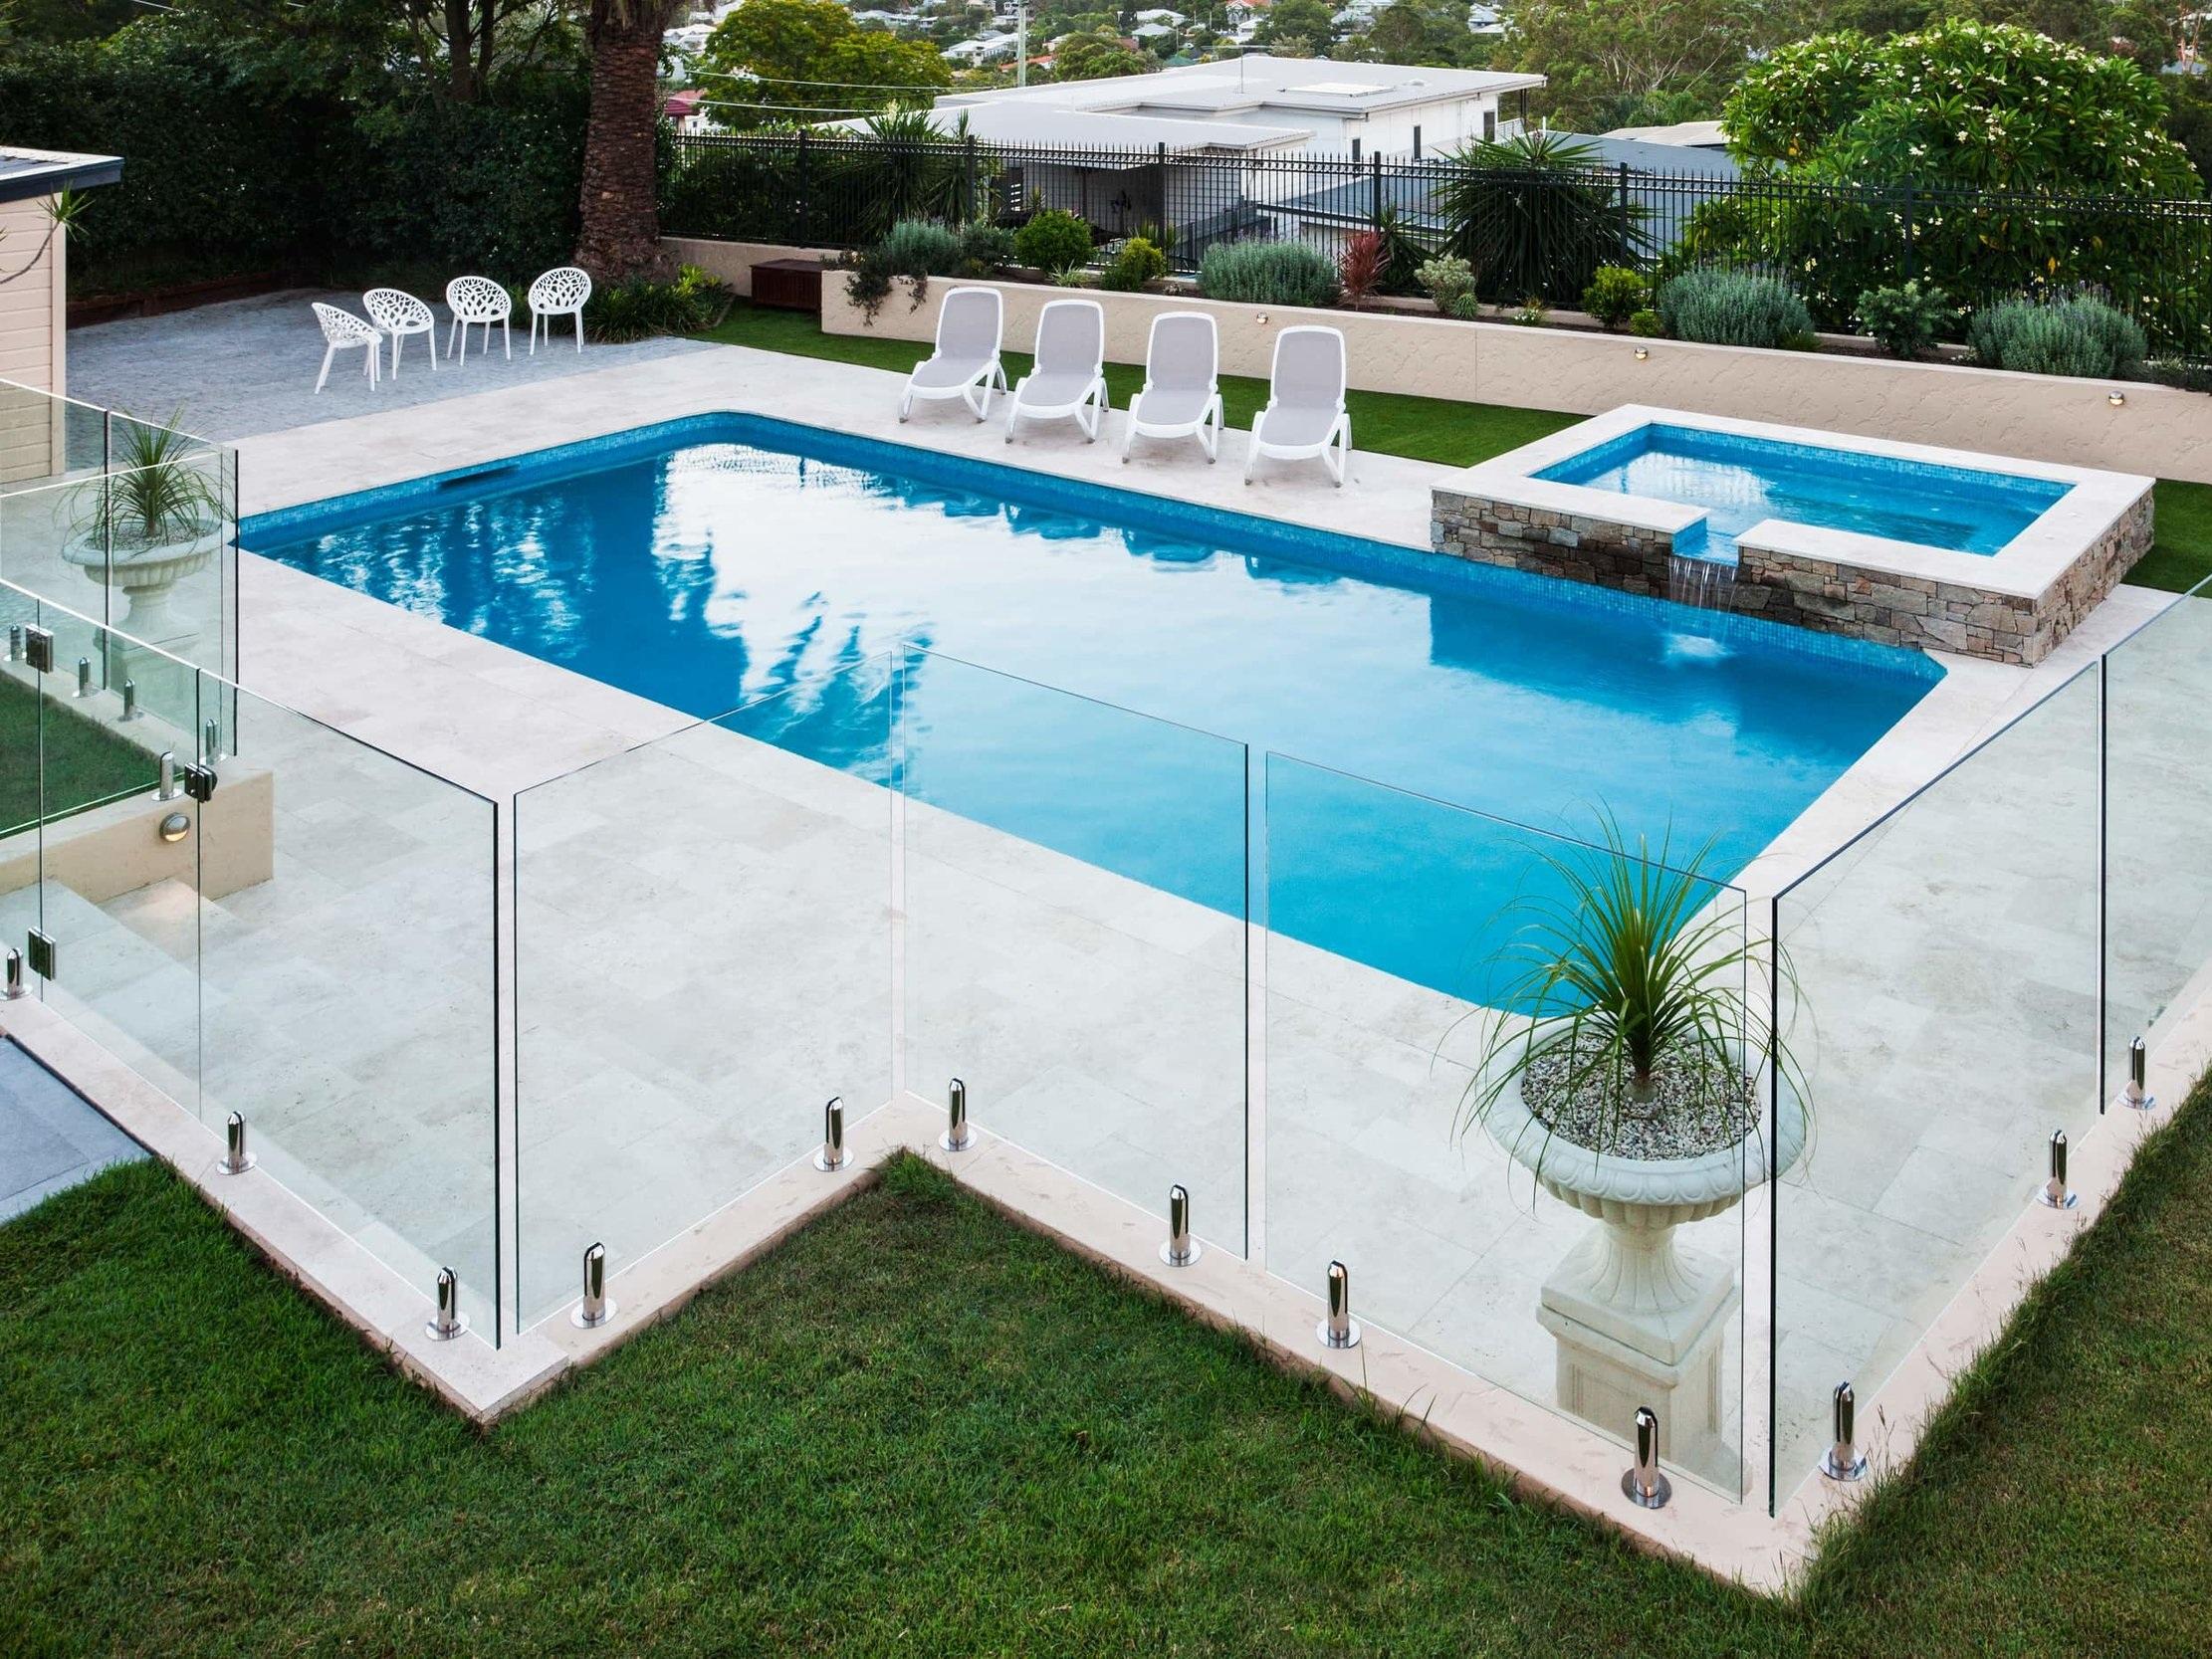 frameless-glass-balustrades-pool-fencing.jpg